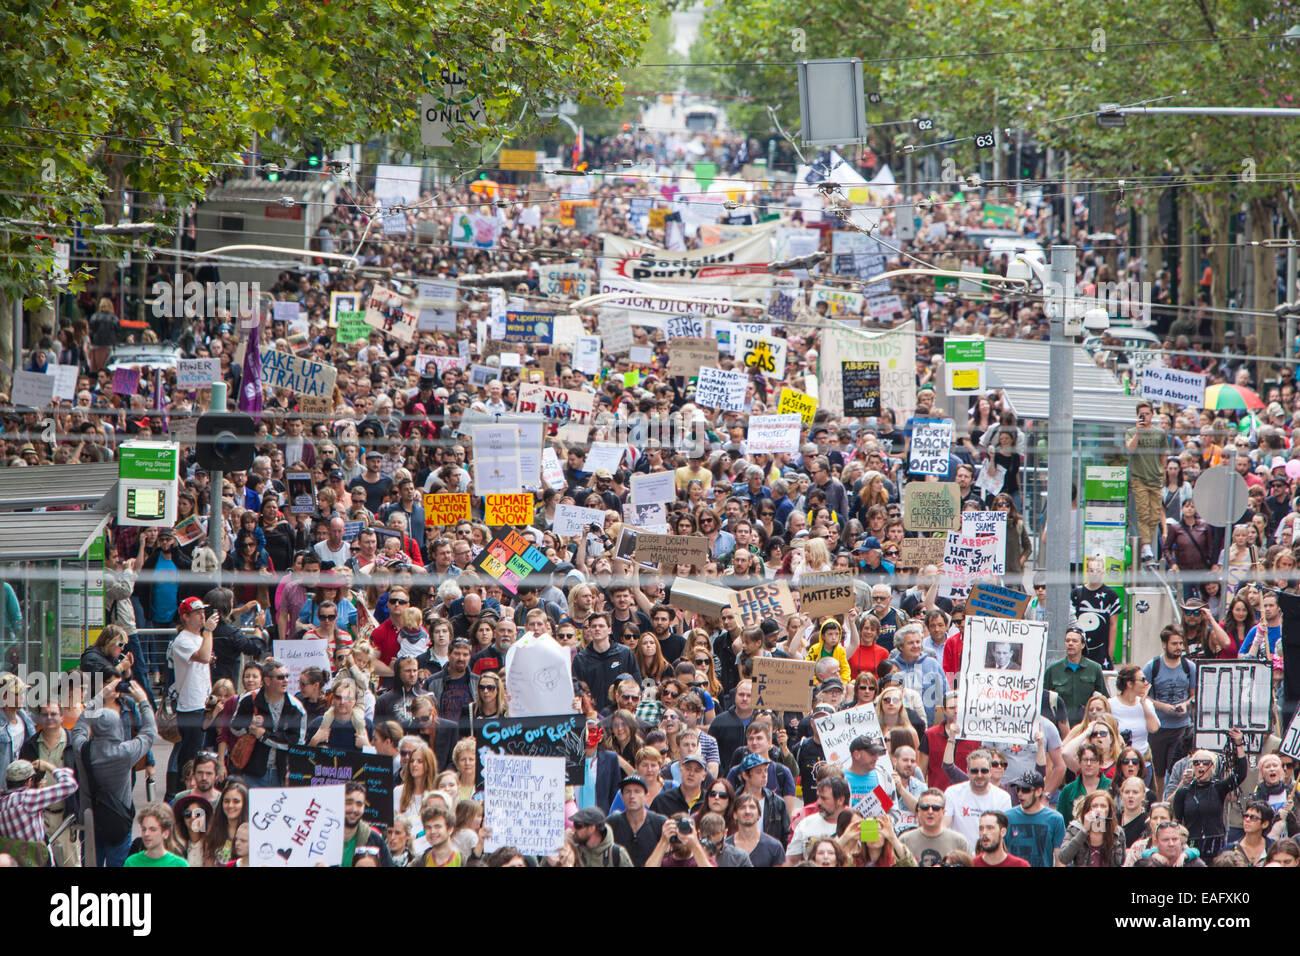 MELBOURNE, AUSTRALIE - 16 Mars: Mars en mars pour protester contre le pouvoir du peuple, un vote de confiance Photo Stock